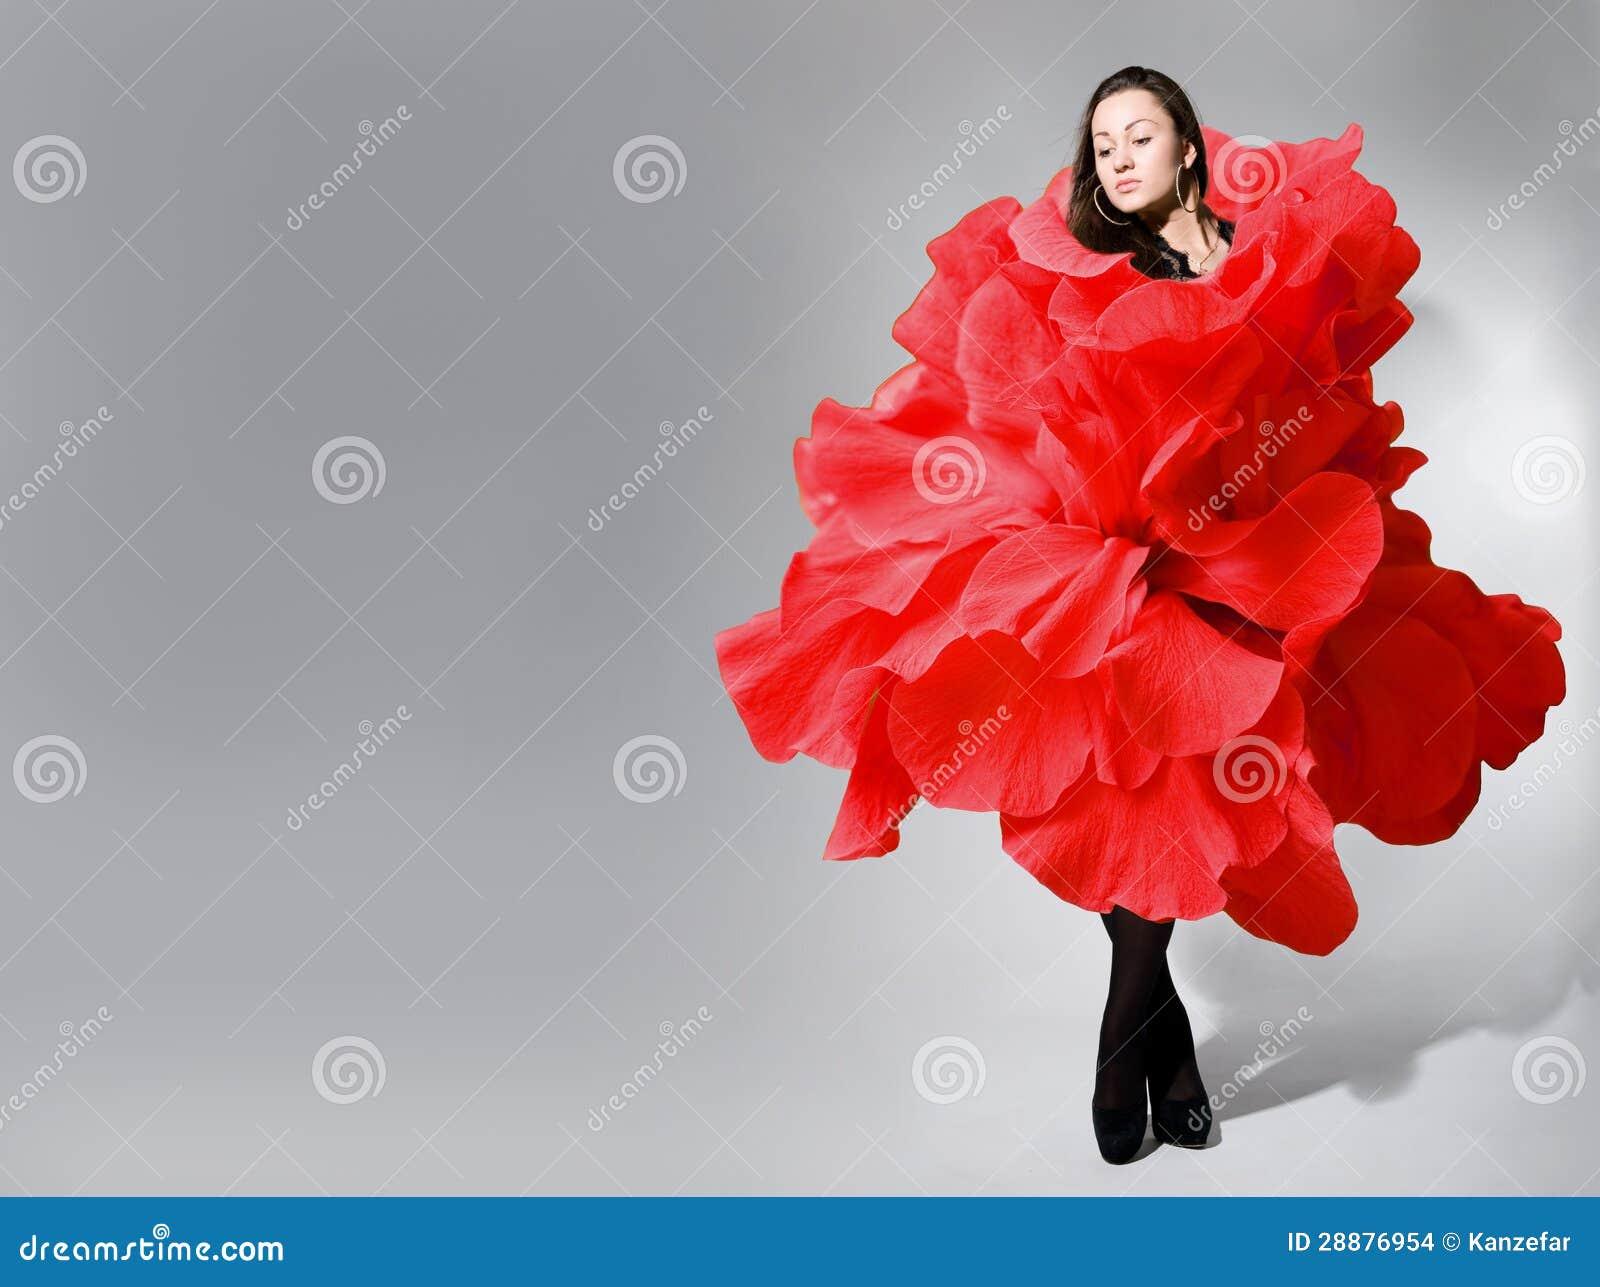 Rose Girl Dress